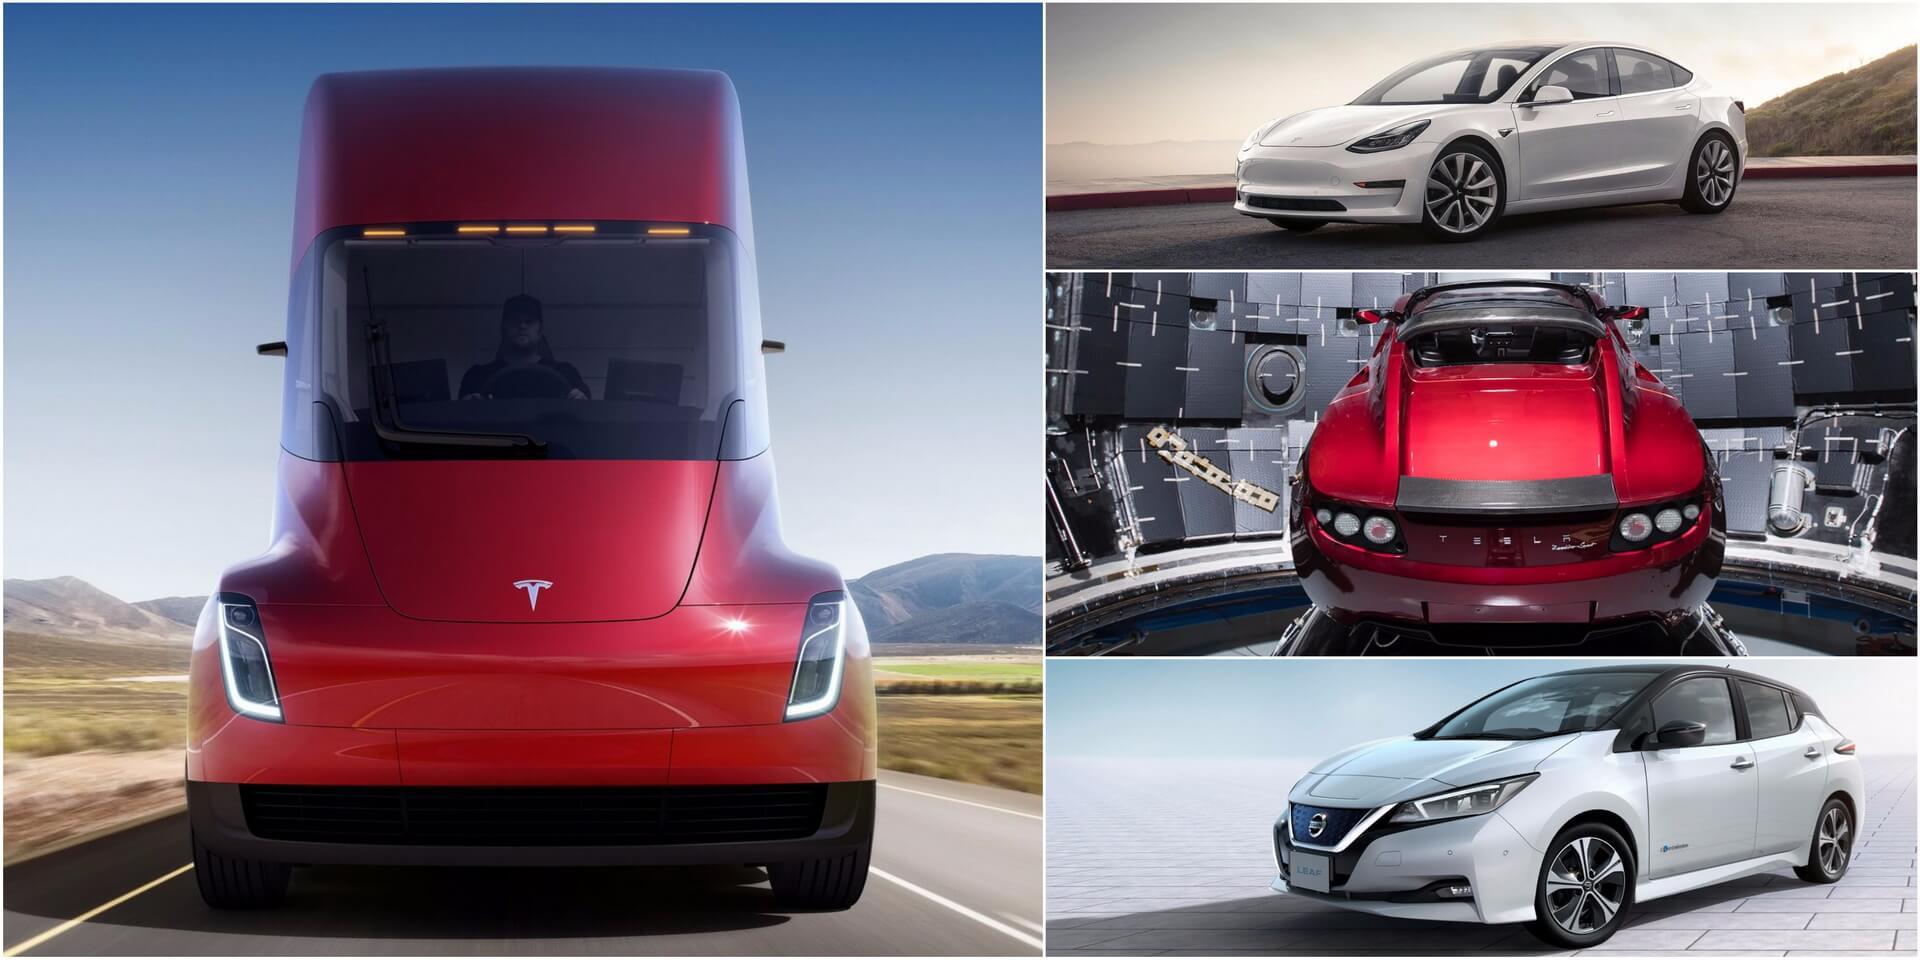 Электрогрузовик Tesla Semi & Tesla Model 3 & отправка Tesla Roadster в космос & Nissan Leaf второго поколения